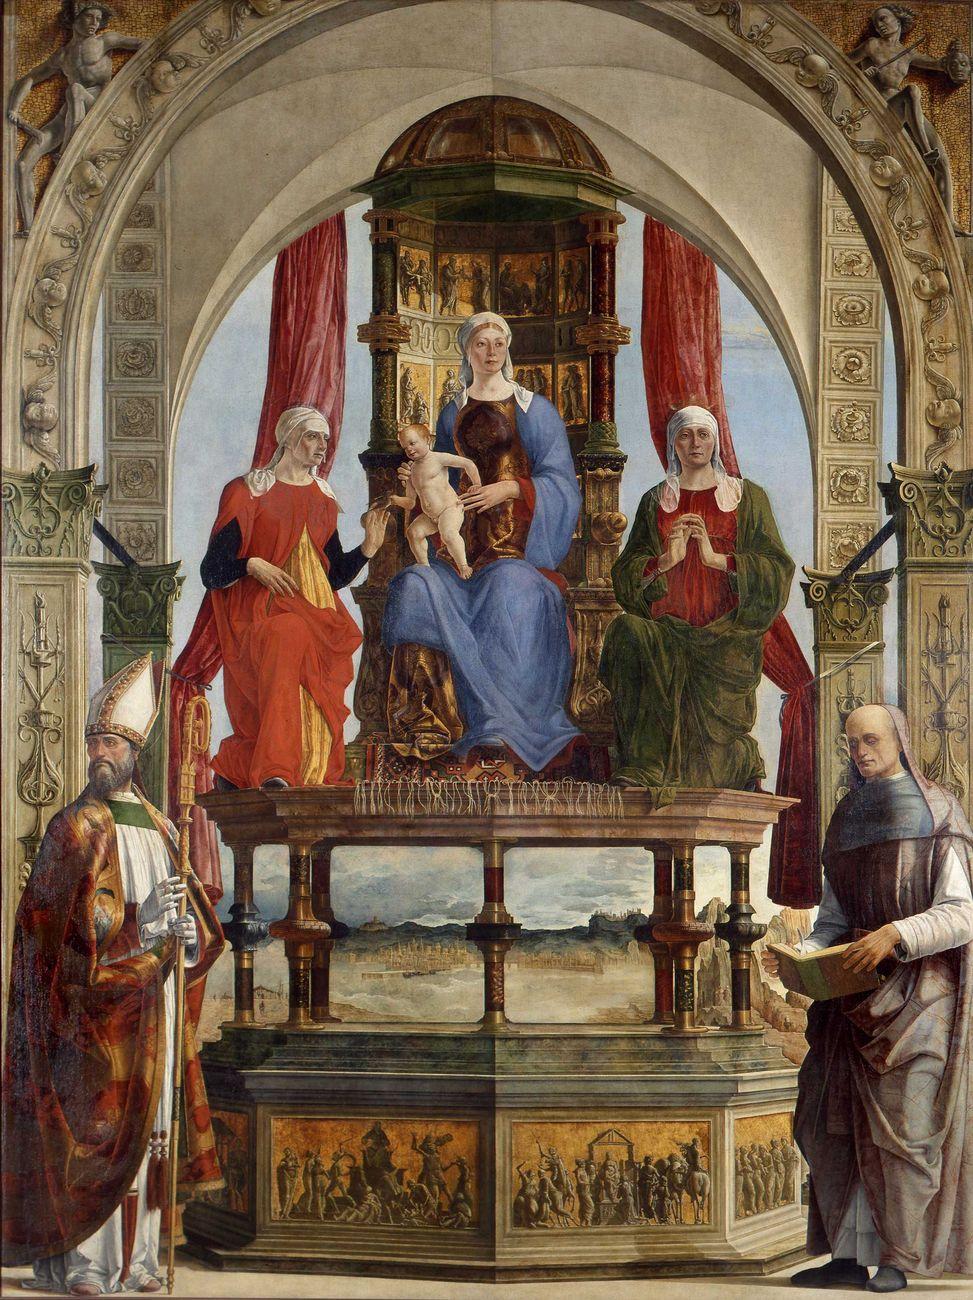 Ercole de' Roberti, Pala di Santa Maria in Porto (detta Pala Portuense), 1479 81, olio su tela, 323×240 cm. Pinacoteca di Brera, Milano